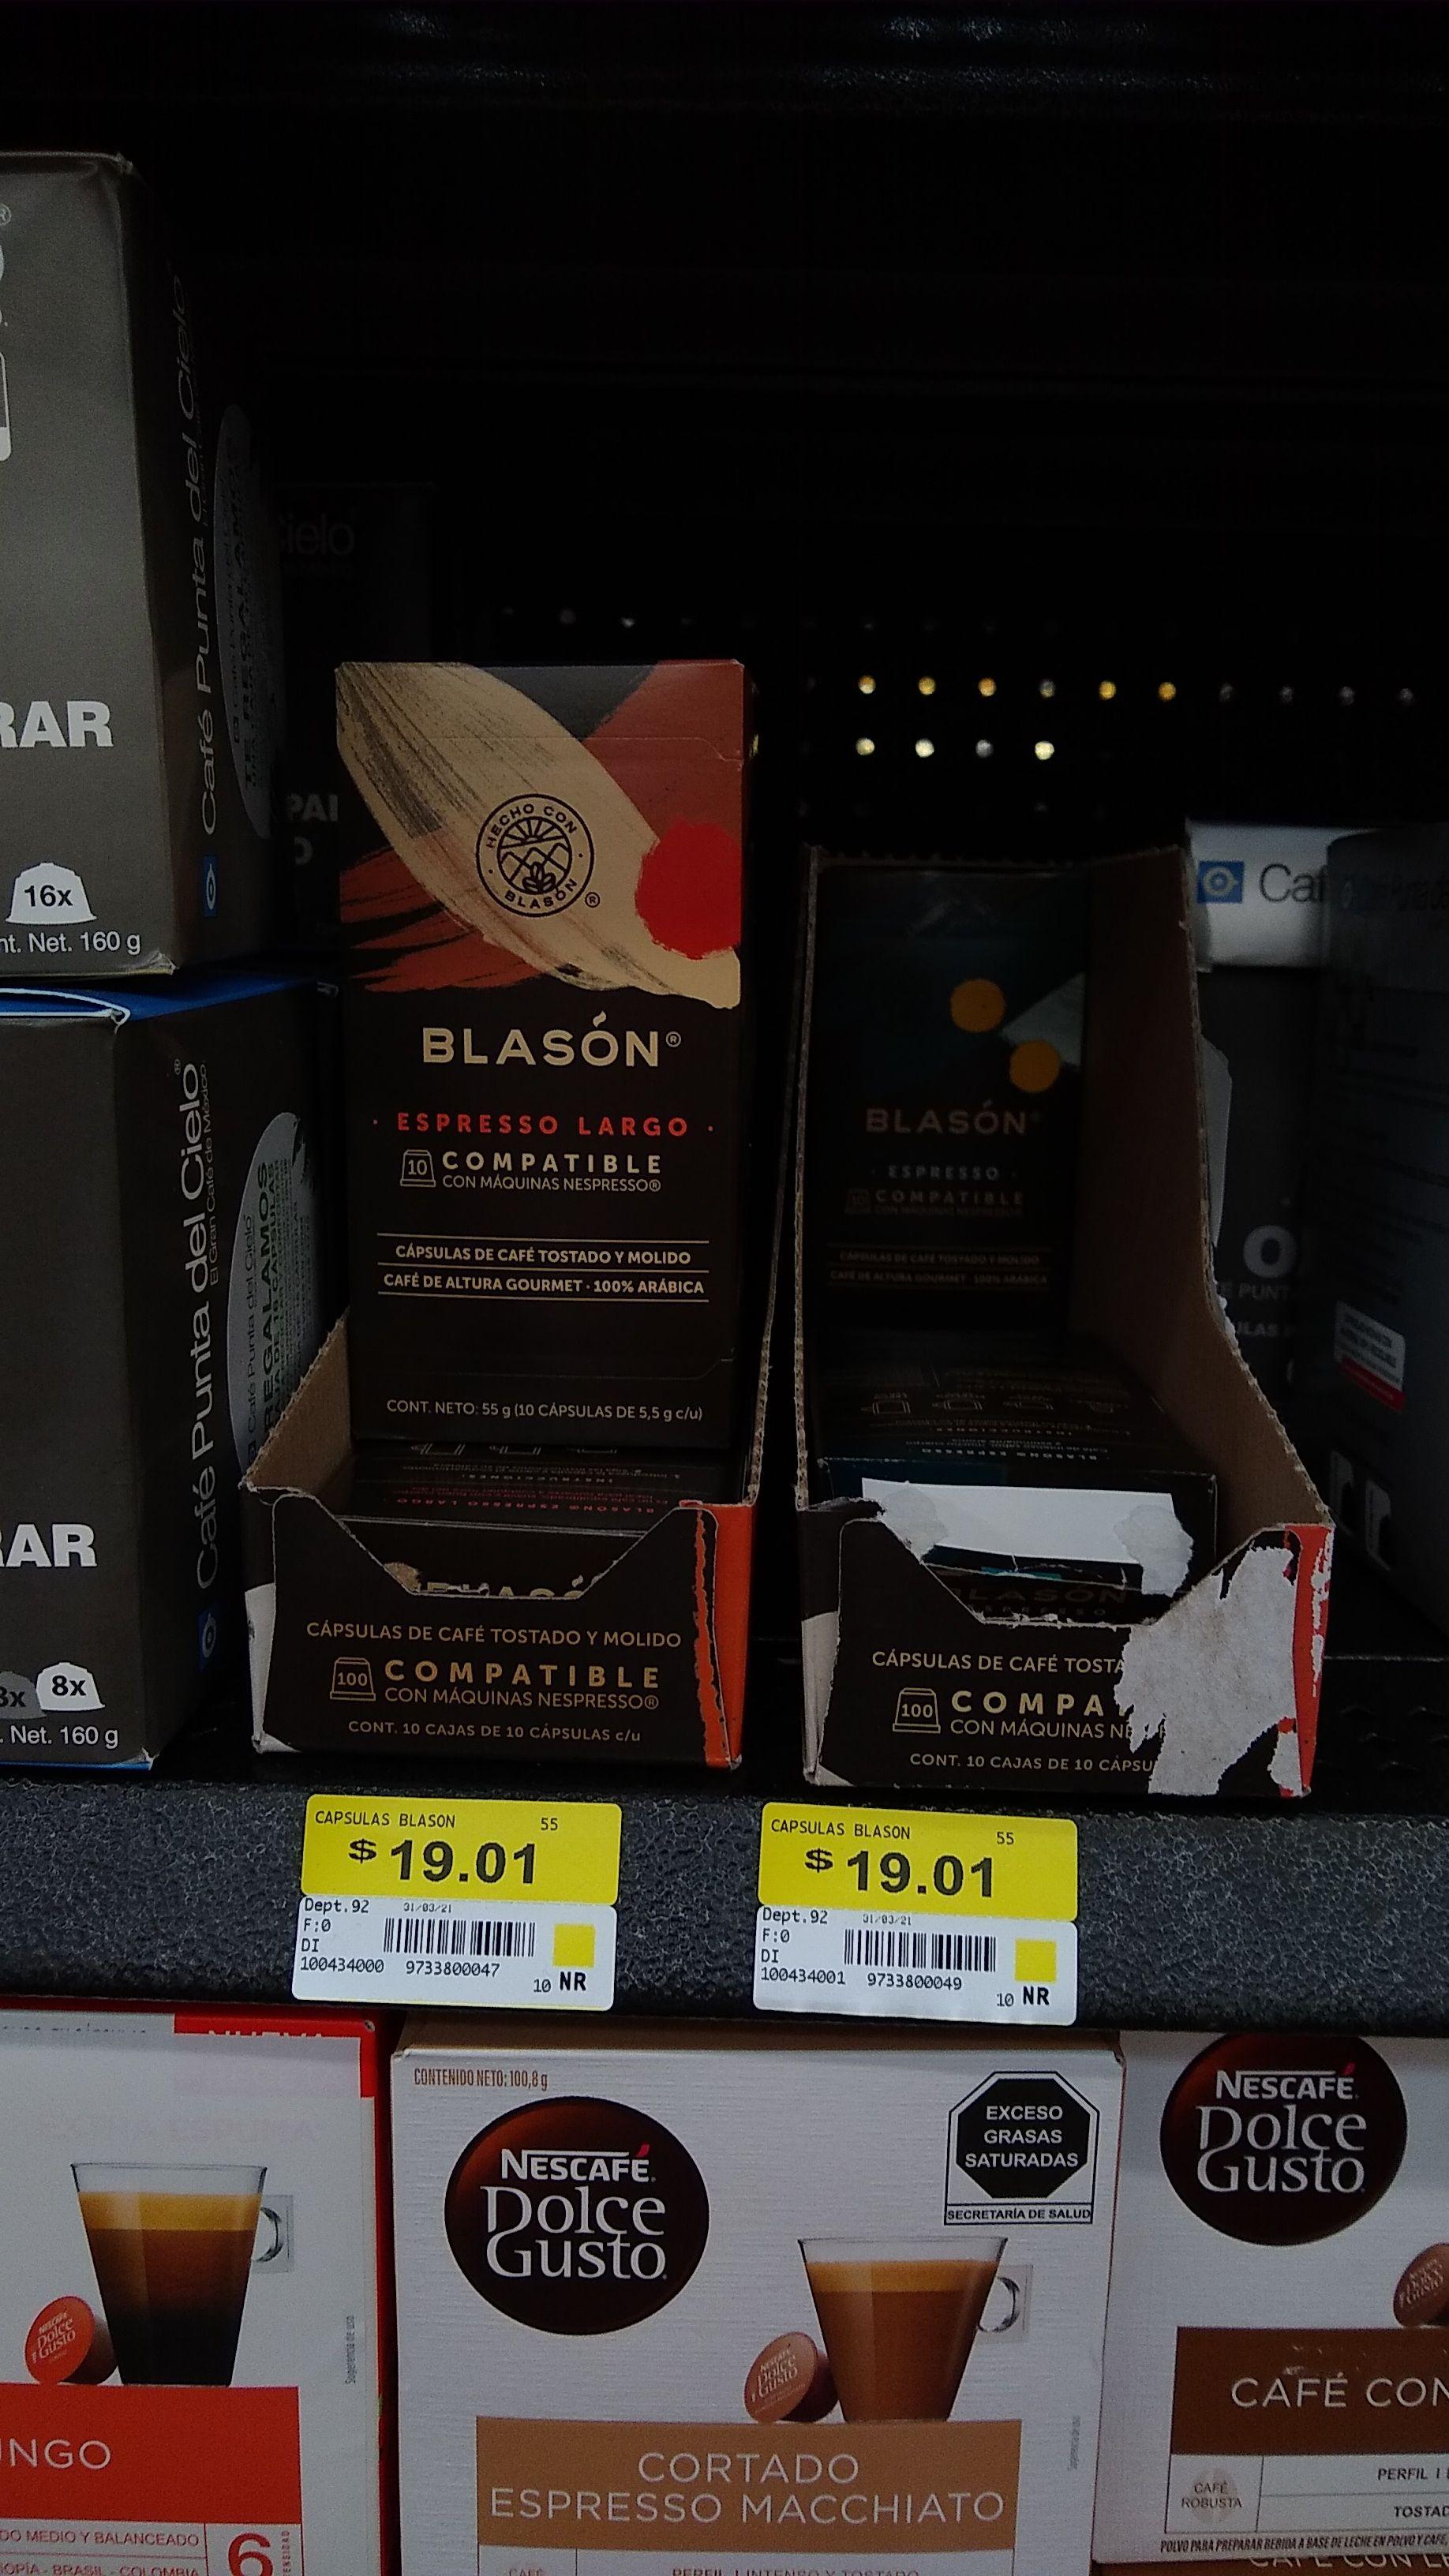 Cápsulas de café blasón 19.01 en Walmart